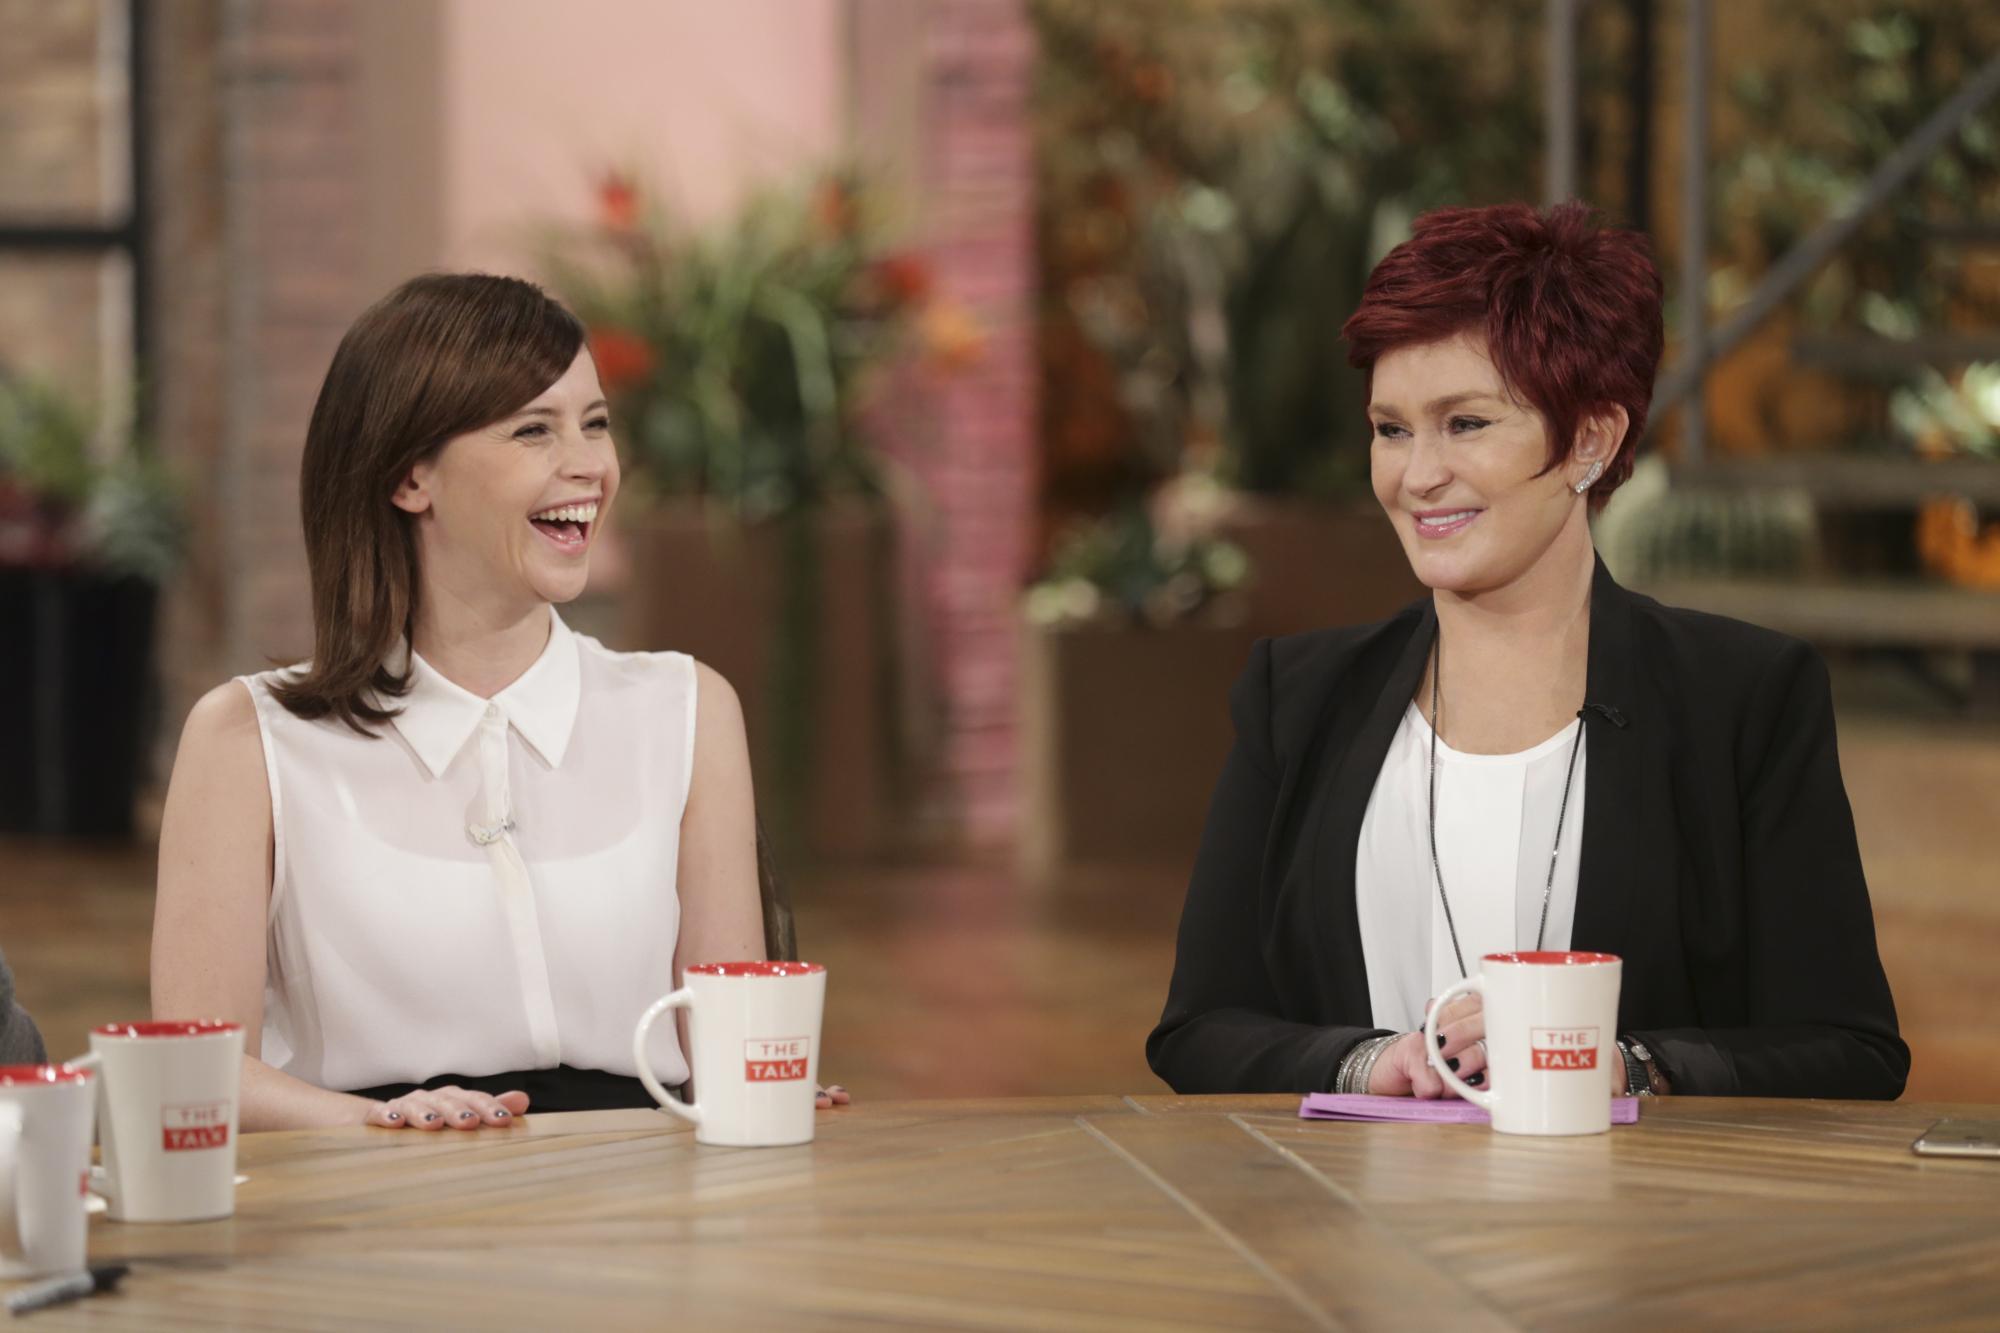 6. Sharon bonded with fellow Brit Felicity Jones.